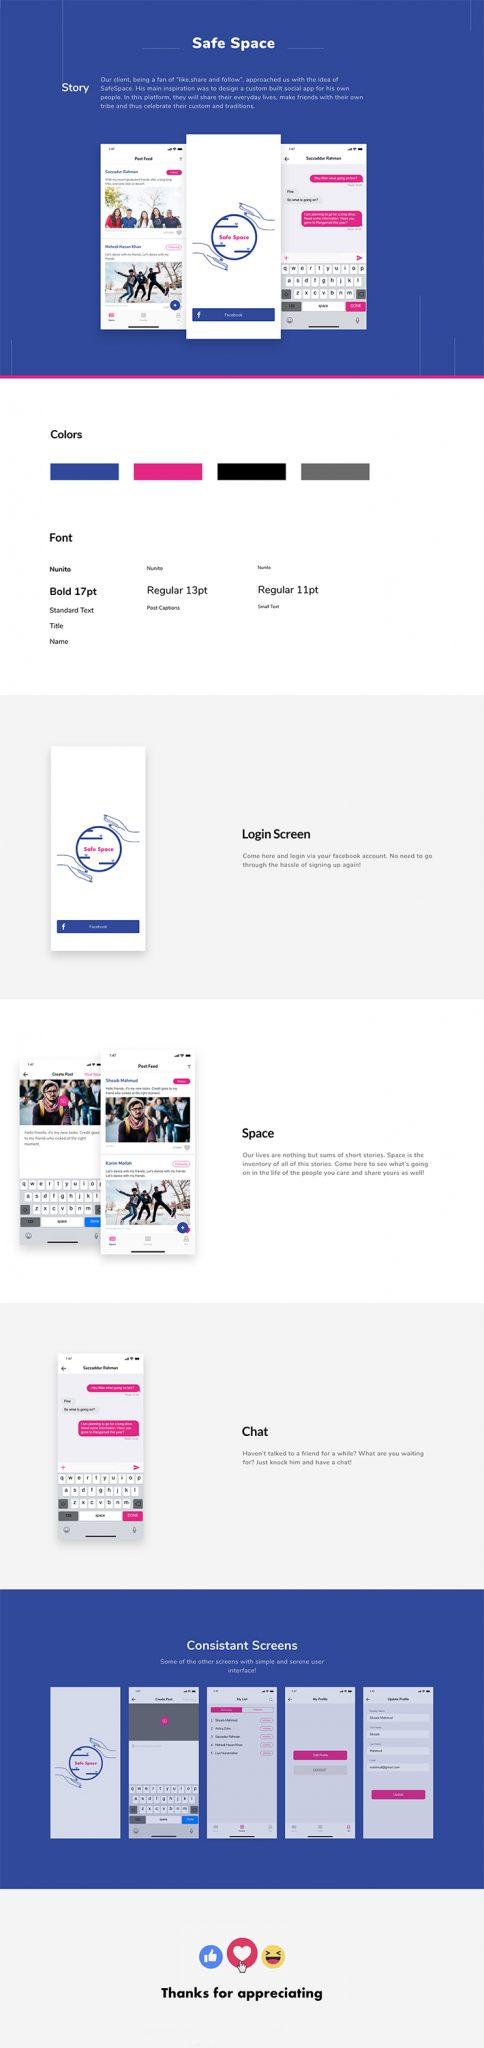 Creative Social App Design para usuarios de iOS Descarga gratuita